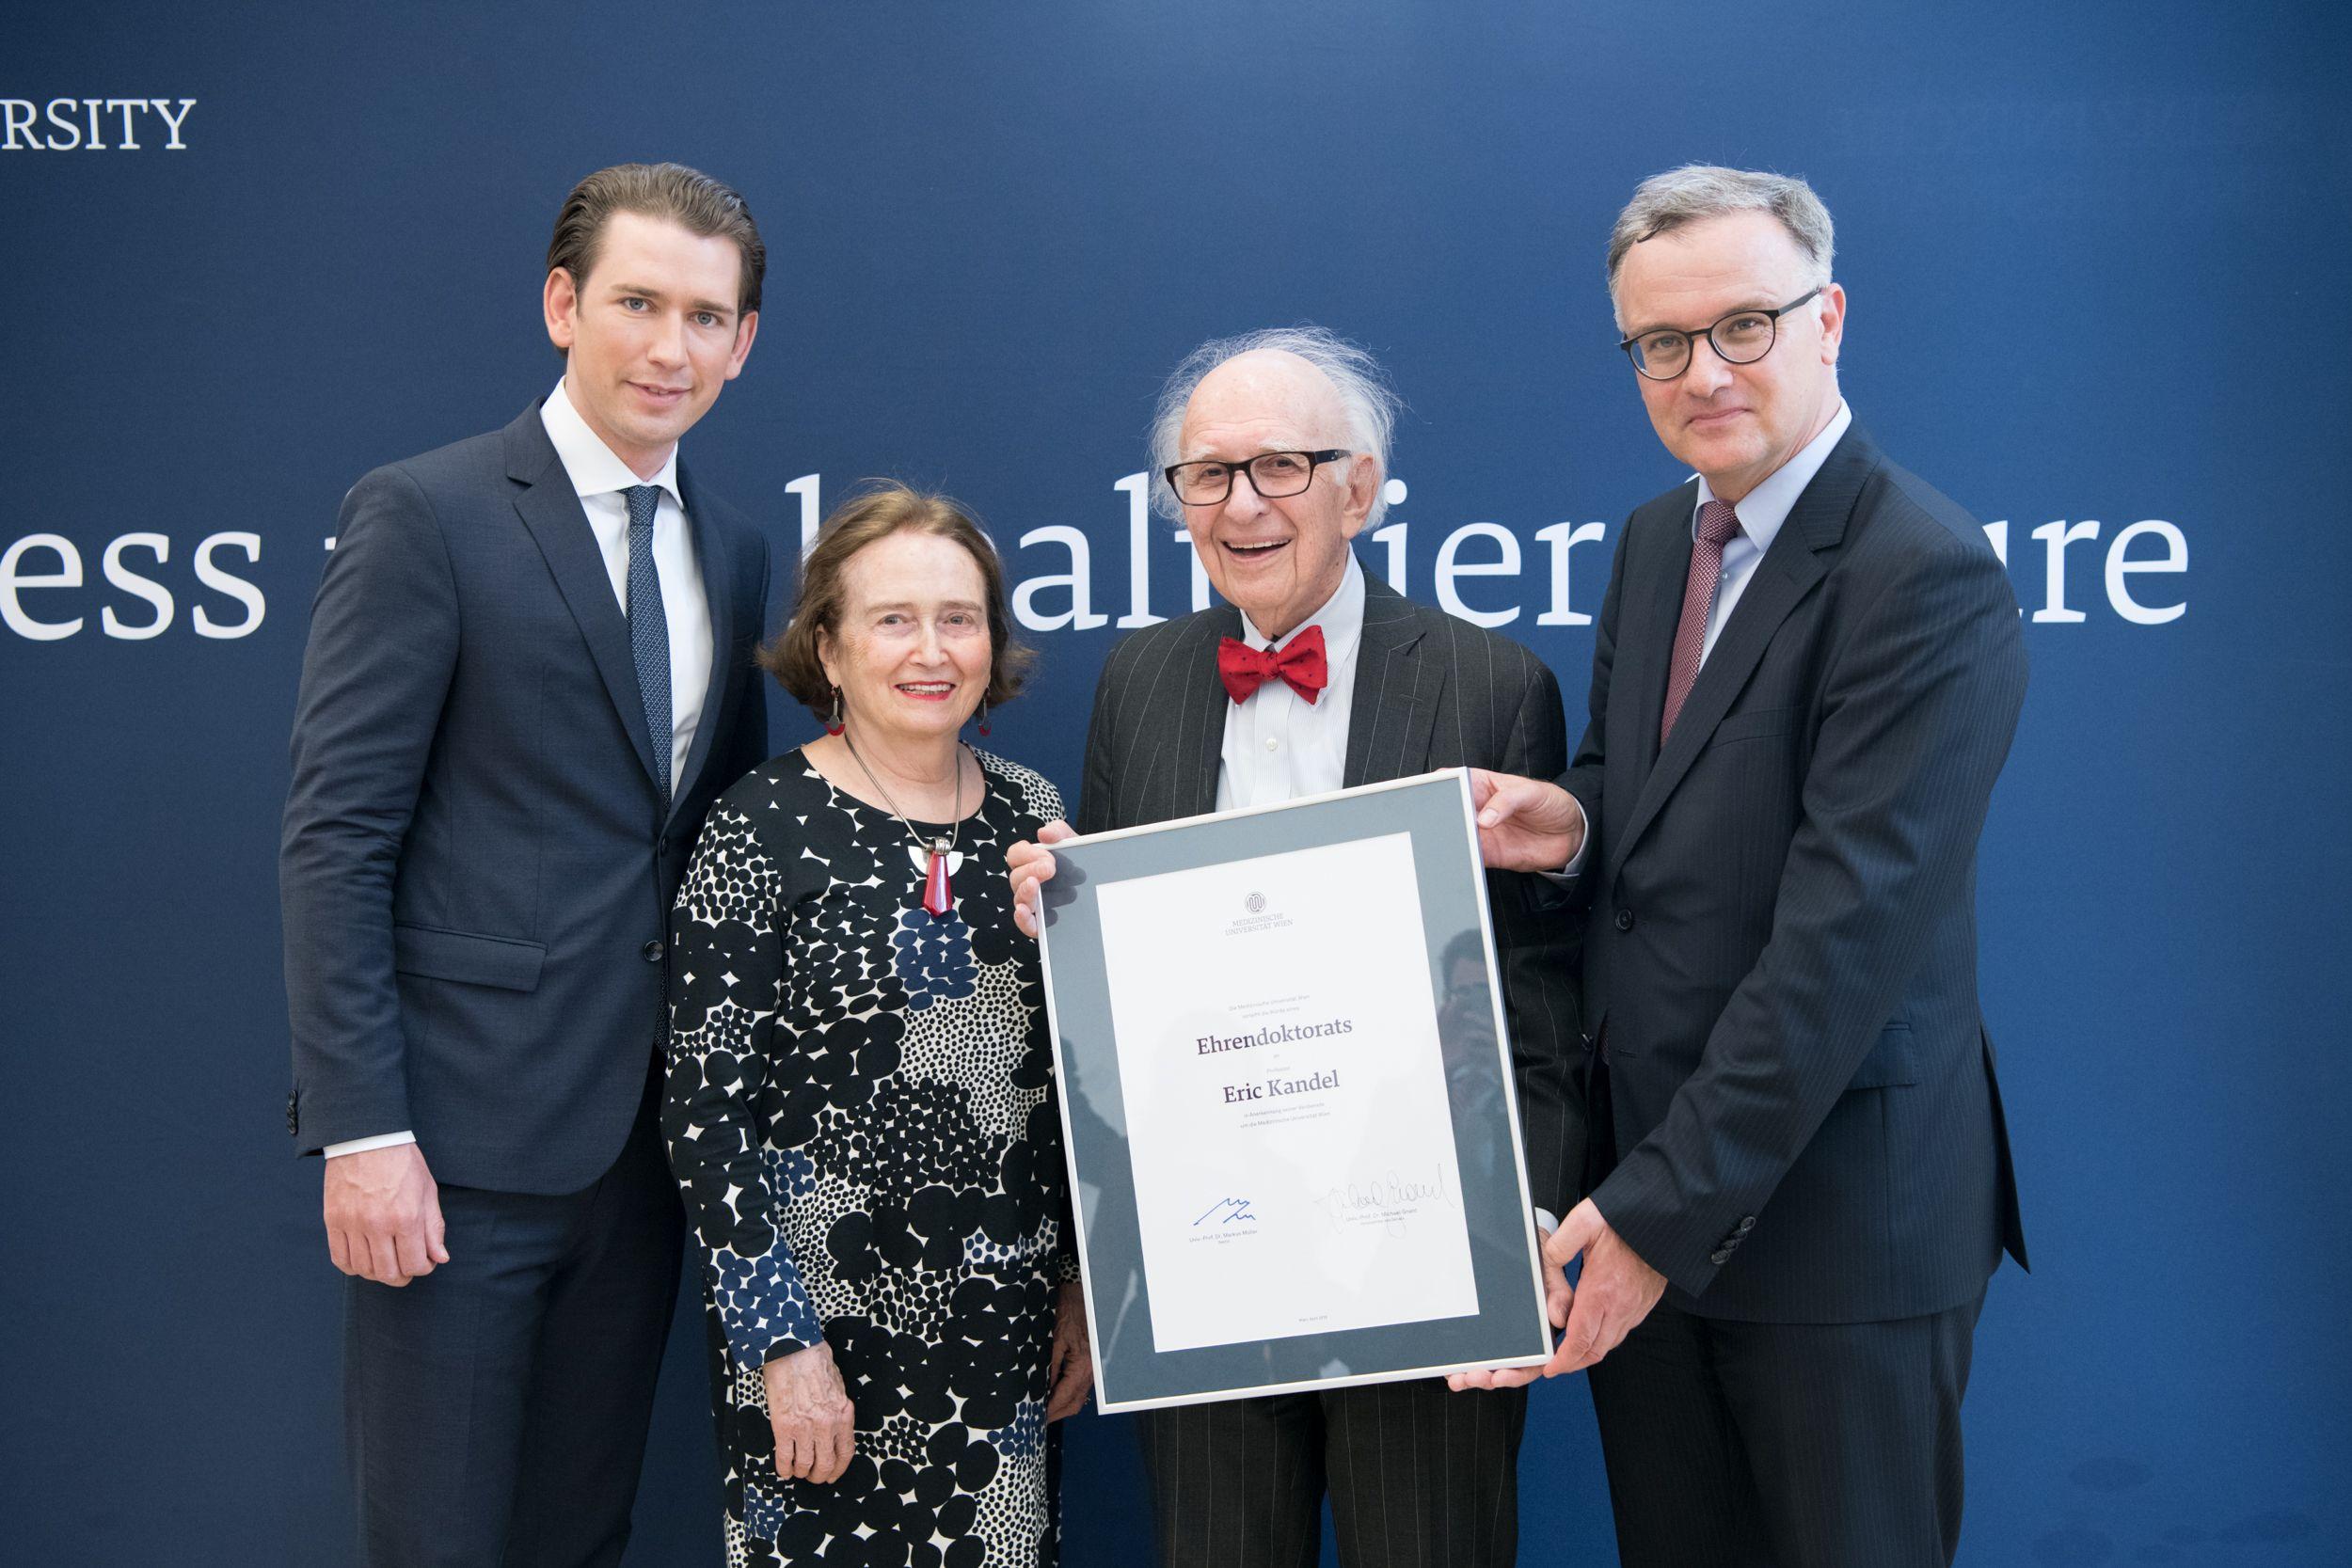 Eric Kandel erhält Ehrendoktorat der MedUni Wien  Jungmediziner